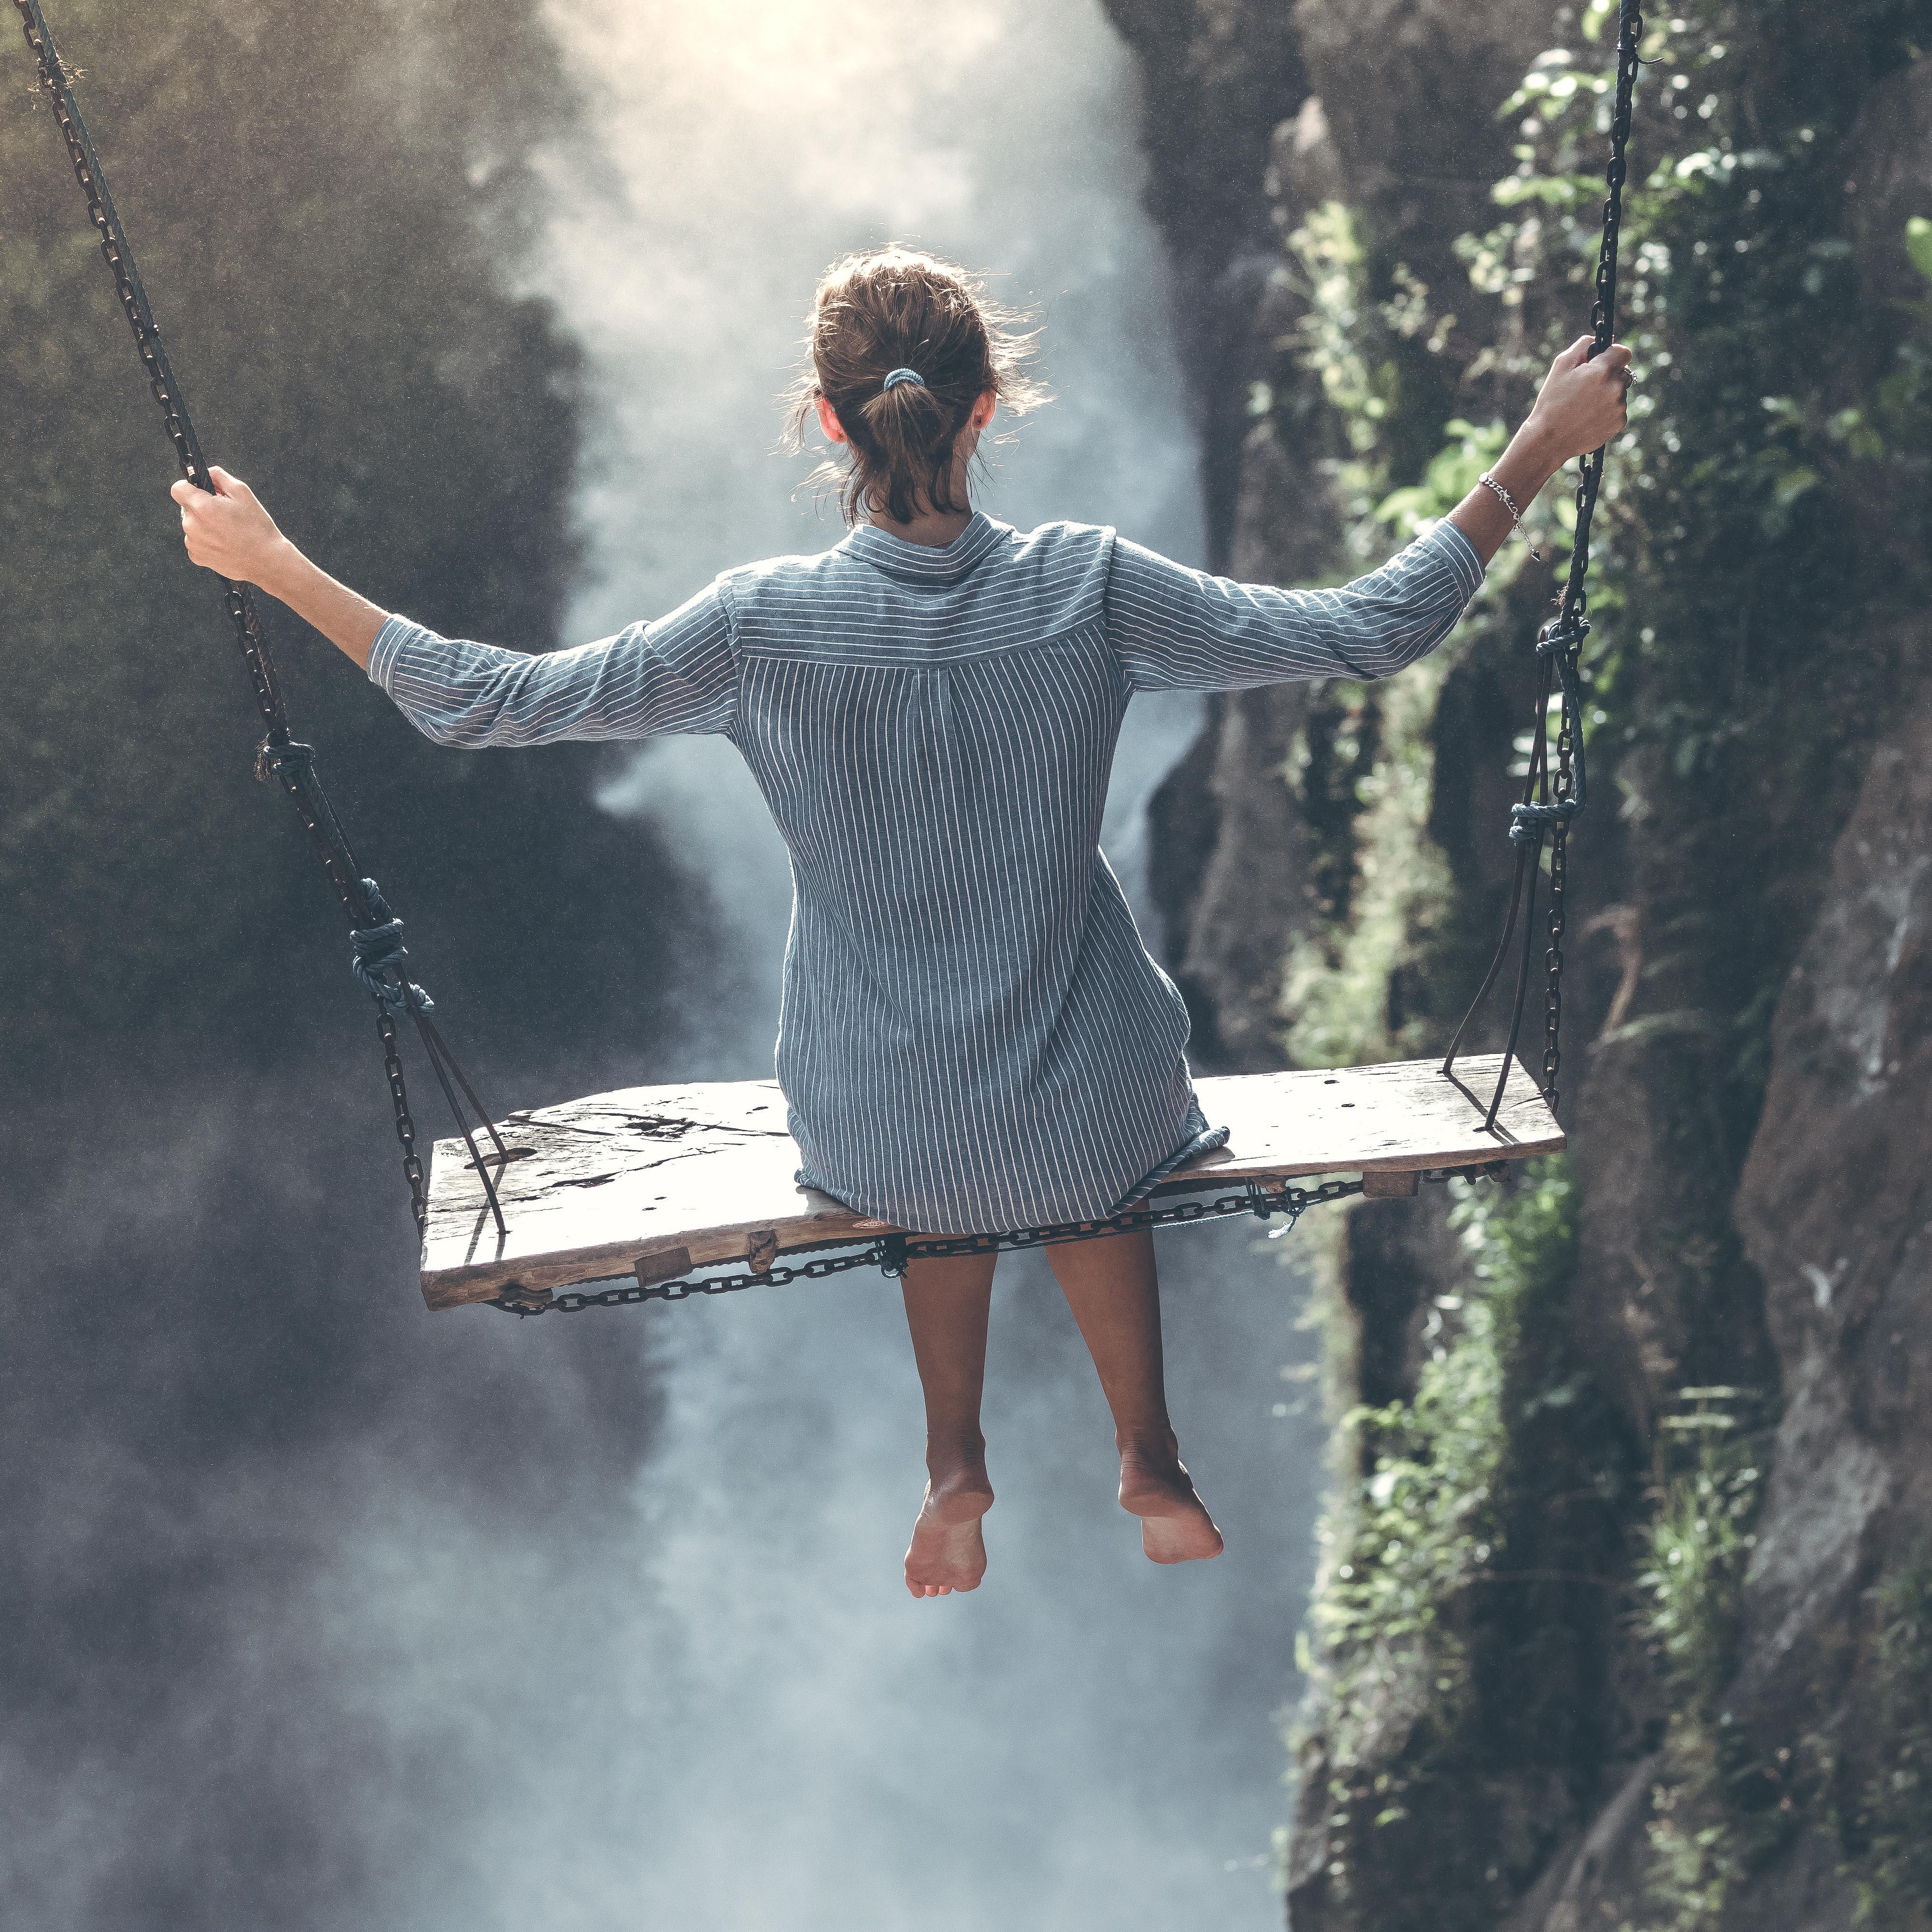 Komfortzone, Veränderung, Mut, Angst, innere Geschichte